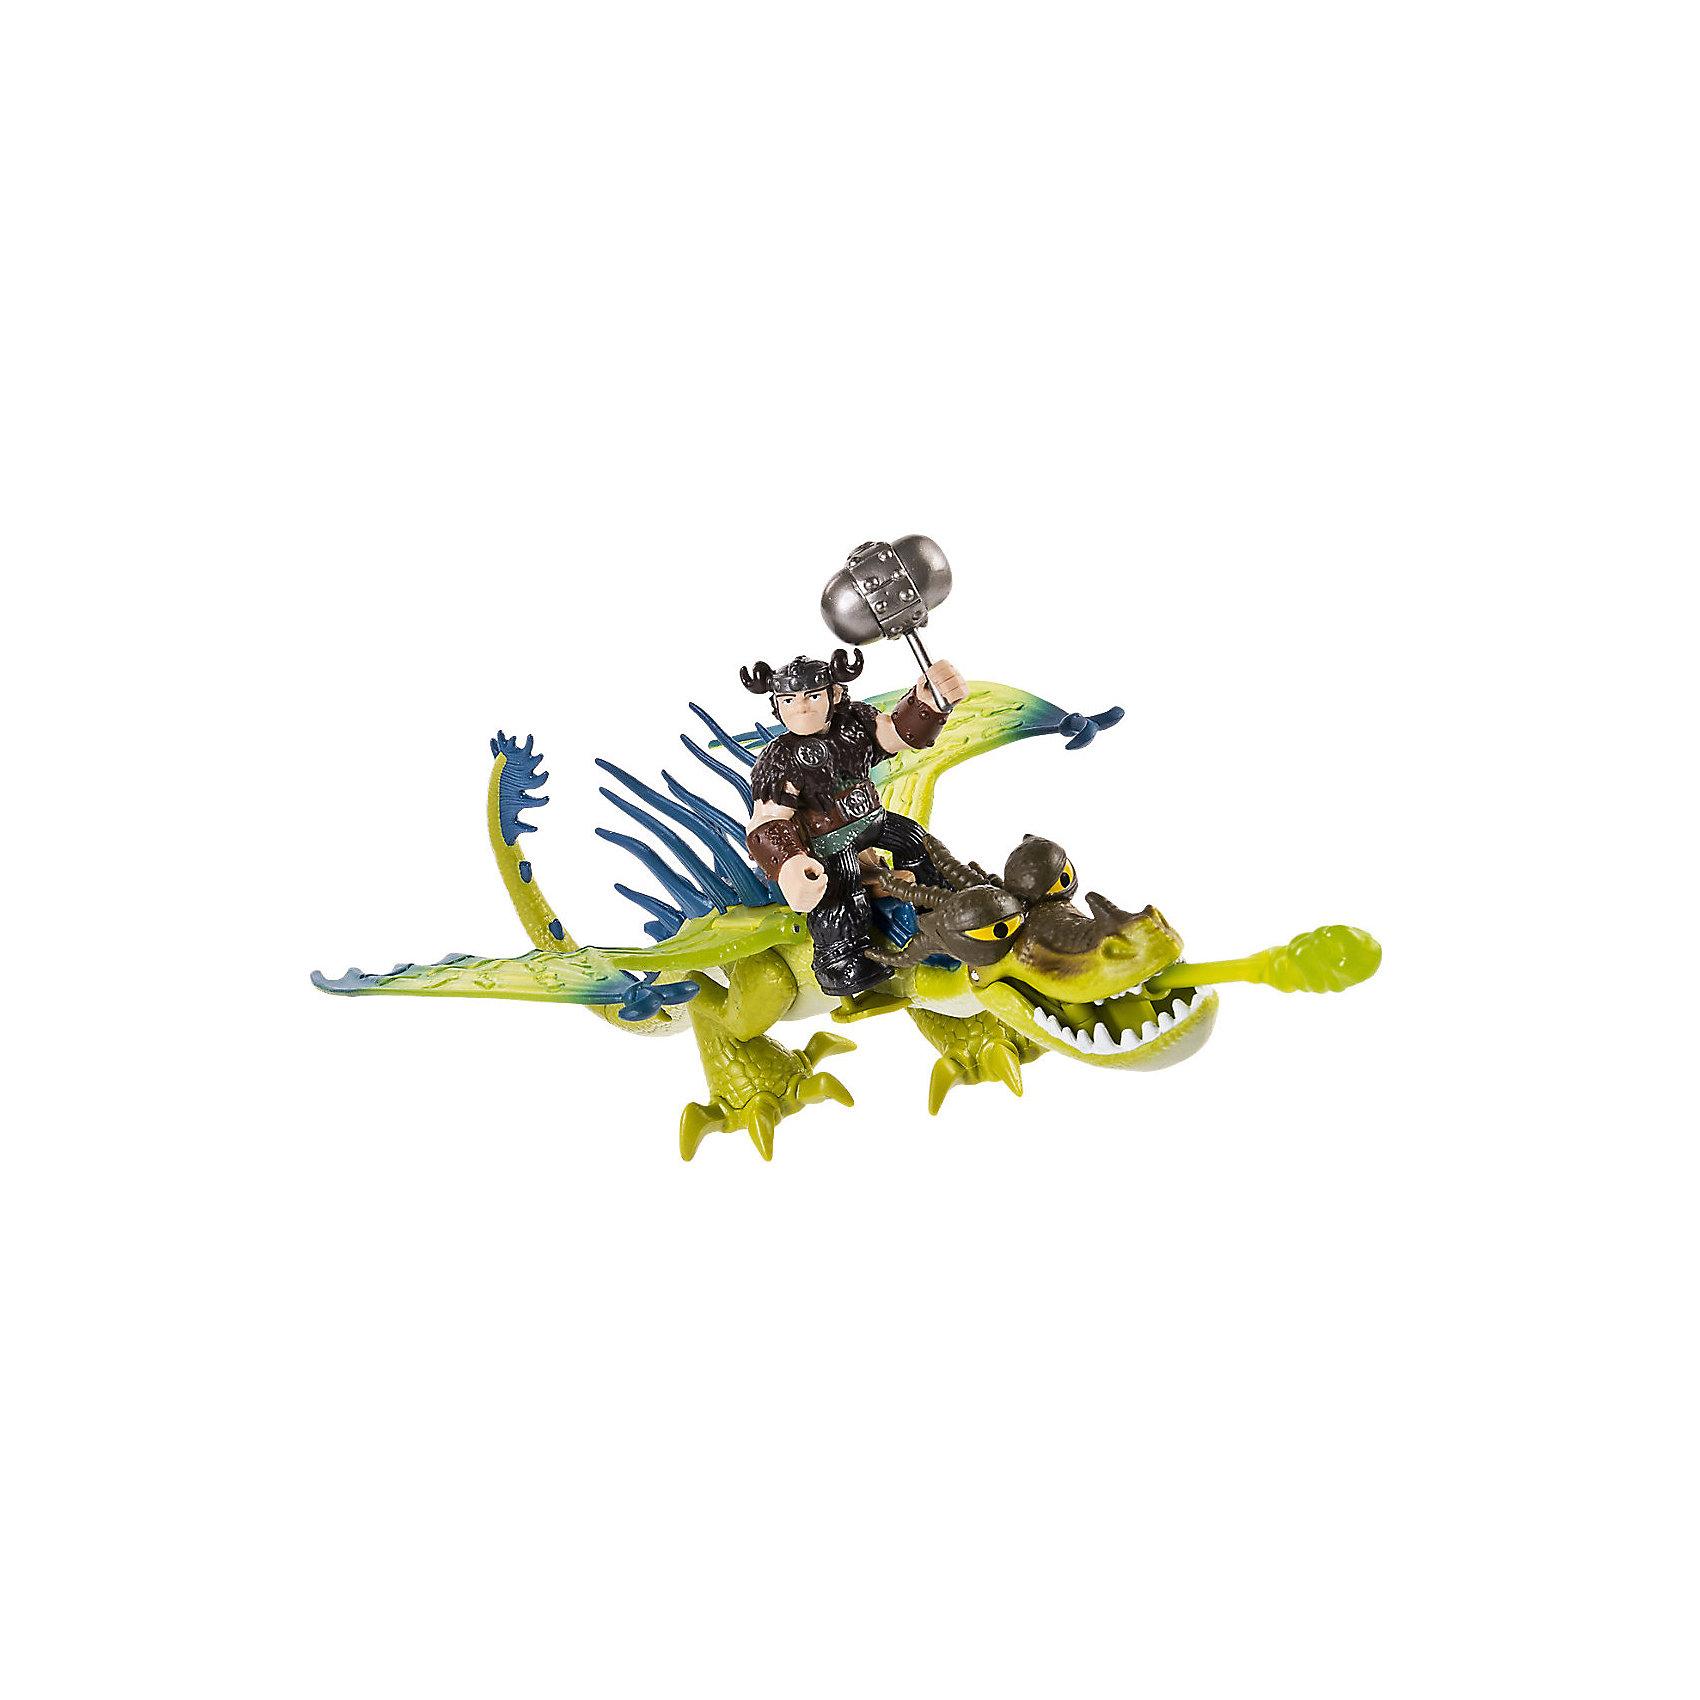 Набор Сморкала и Кривоклык, зеленый дракон, Как приручить дракона, Spin MasterКоллекционные и игровые фигурки<br>Характеристики товара:<br><br>• возраст от 4 лет;<br>• материал: пластик;<br>• в комплекте: фигурка дракона, фигурка Сморкала, молот, заряд; <br>• подвижные фигурки;<br>• размер дракона 18 см;<br>• высота всадника 6 см;<br>• размер упаковки 29,2х21х10,2 см;<br>• вес упаковки 320 гр.;<br>• страна производитель: Китай.<br><br>Набор «Сморкала и Кривоклык» Как приручить дракона Spin Master создан по мотивам известного мультфильма «Как приручить дракона». В комплекте фигурка викинга Сморкала и его дракона Кривоклыка. У Сморкала в руках грозный молот, а дракон может стрелять снарядом. С фигурками можно устроить захватывающие сражения или воспроизводить сценки из мультфильма. У дракона подвижные лапы и крылья, а у Сморкала подвижные руки и ноги. Игрушки изготовлены из качественного пластика.<br><br>Набор «Сморкала и Кривоклык» Как приручить дракона Spin Master можно приобрести в нашем интернет-магазине.<br><br>Ширина мм: 295<br>Глубина мм: 213<br>Высота мм: 106<br>Вес г: 201<br>Возраст от месяцев: 36<br>Возраст до месяцев: 96<br>Пол: Унисекс<br>Возраст: Детский<br>SKU: 6739773